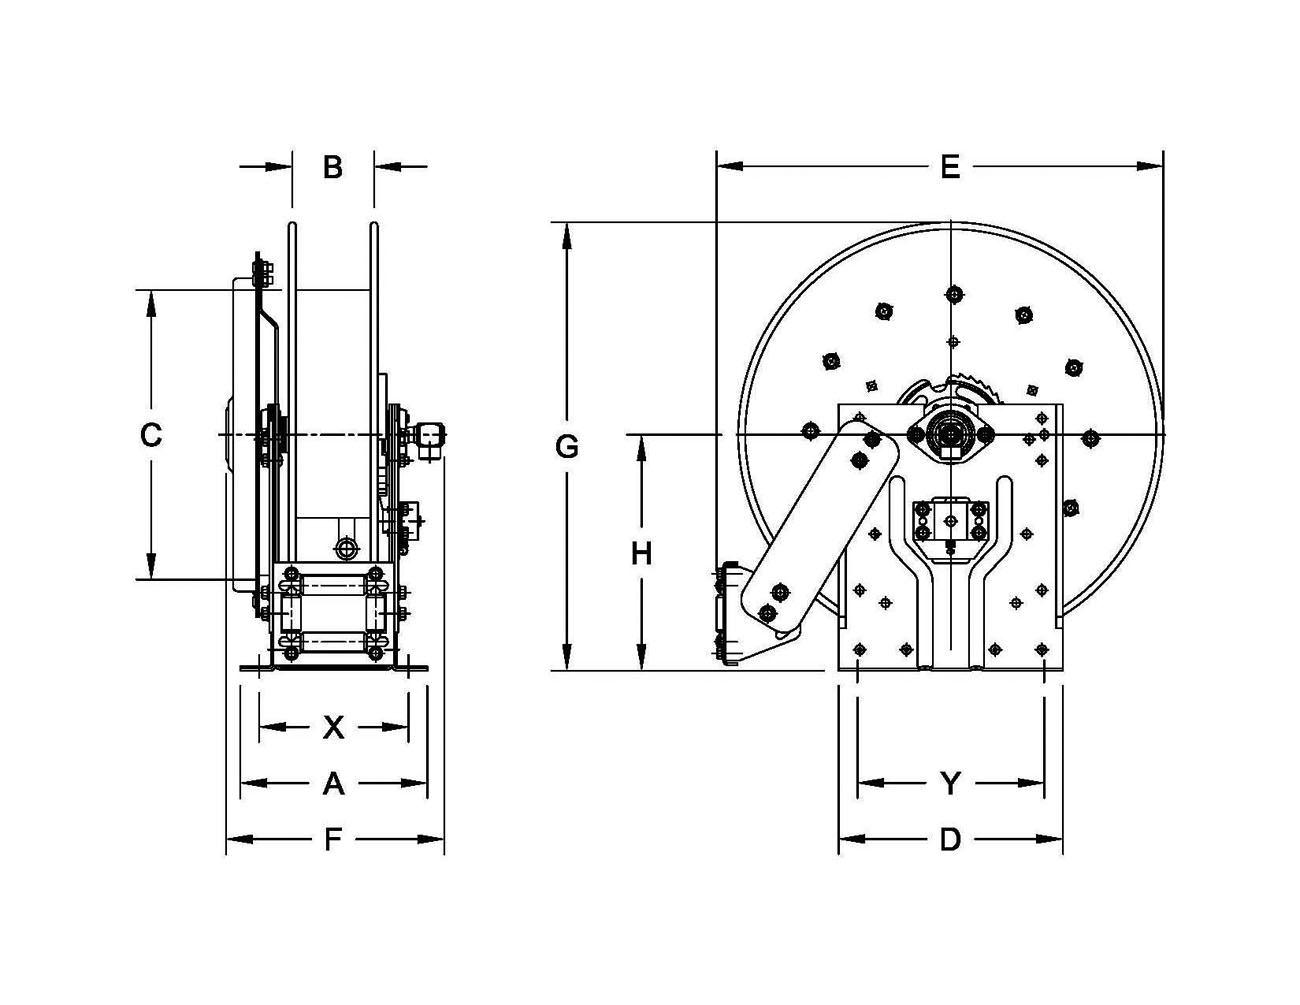 hannay reels wiring diagram 65 pontiac wiring diagram hannay reels - n700 series - air, water, lubrication reel #1